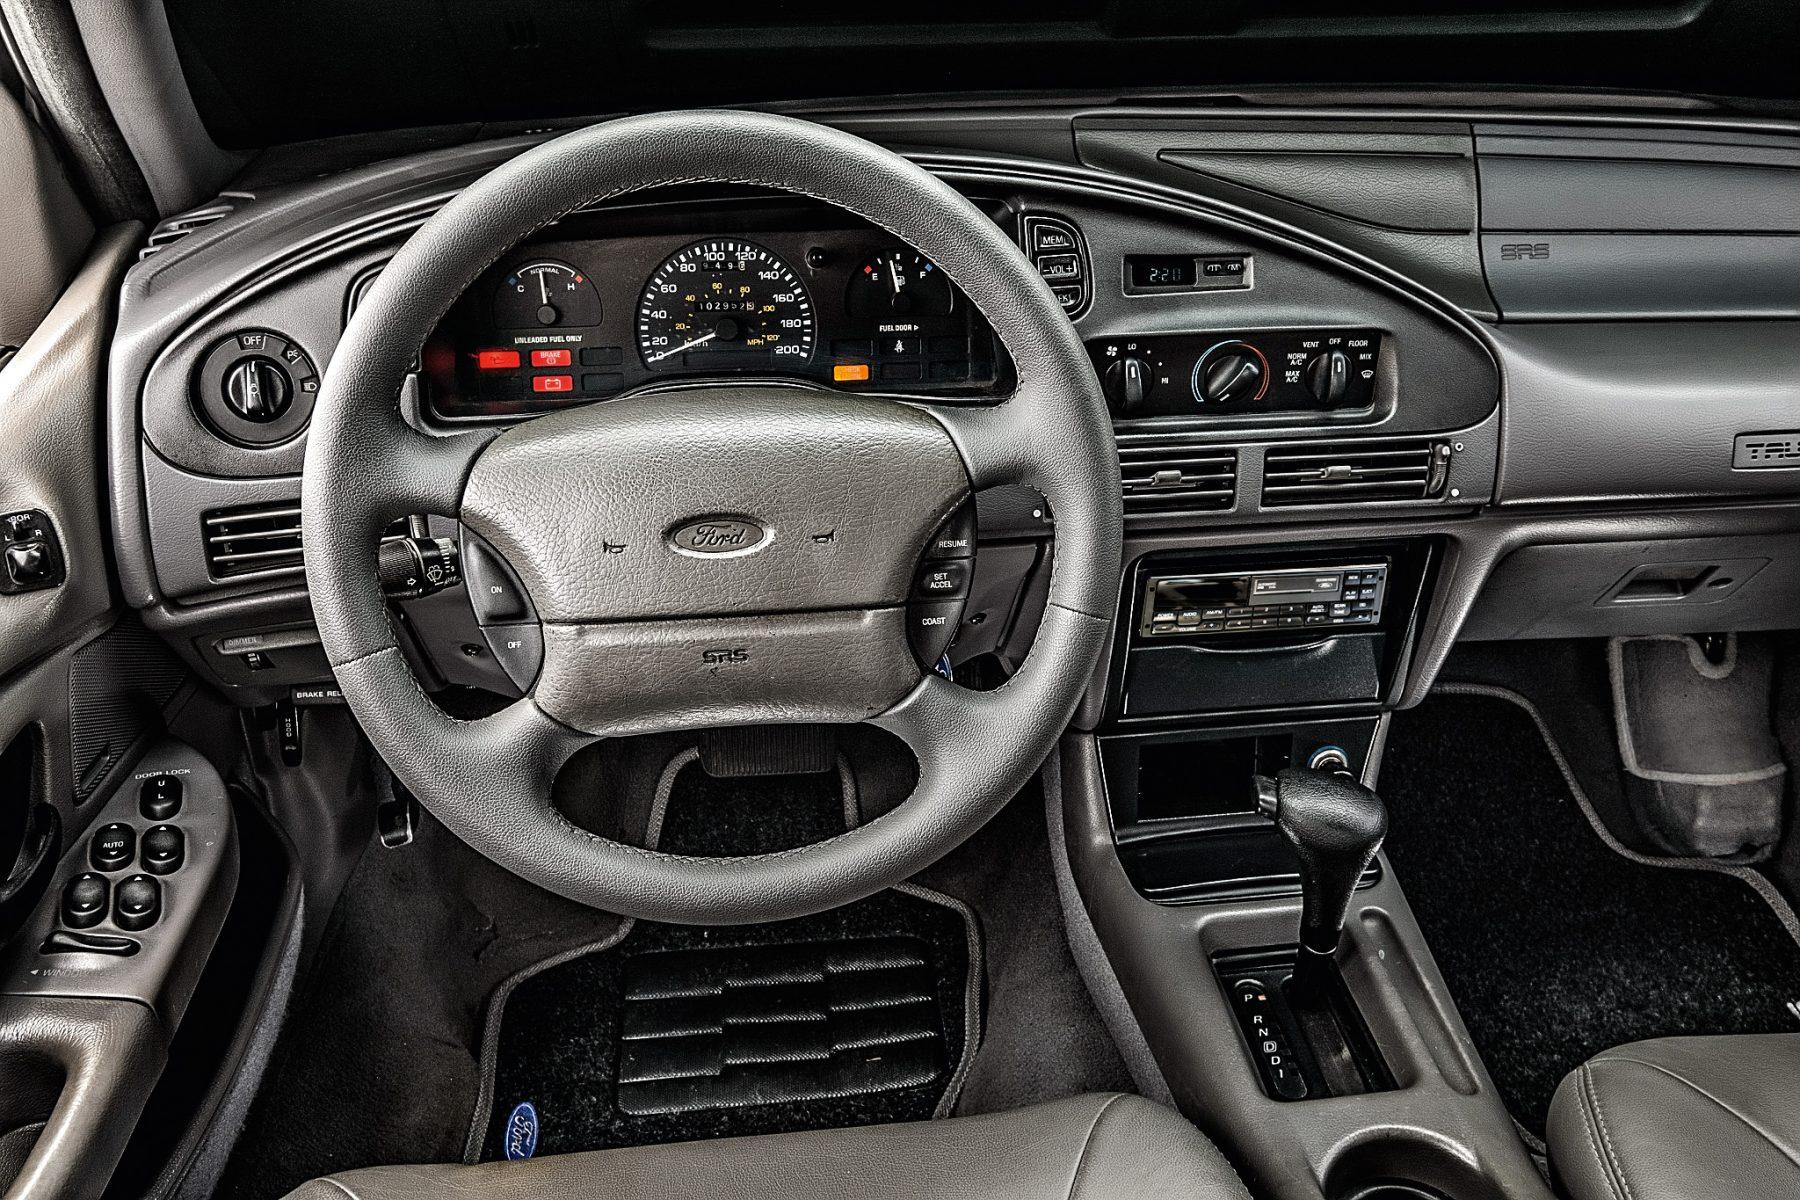 Ford Taurus GL 1994 interior e volante